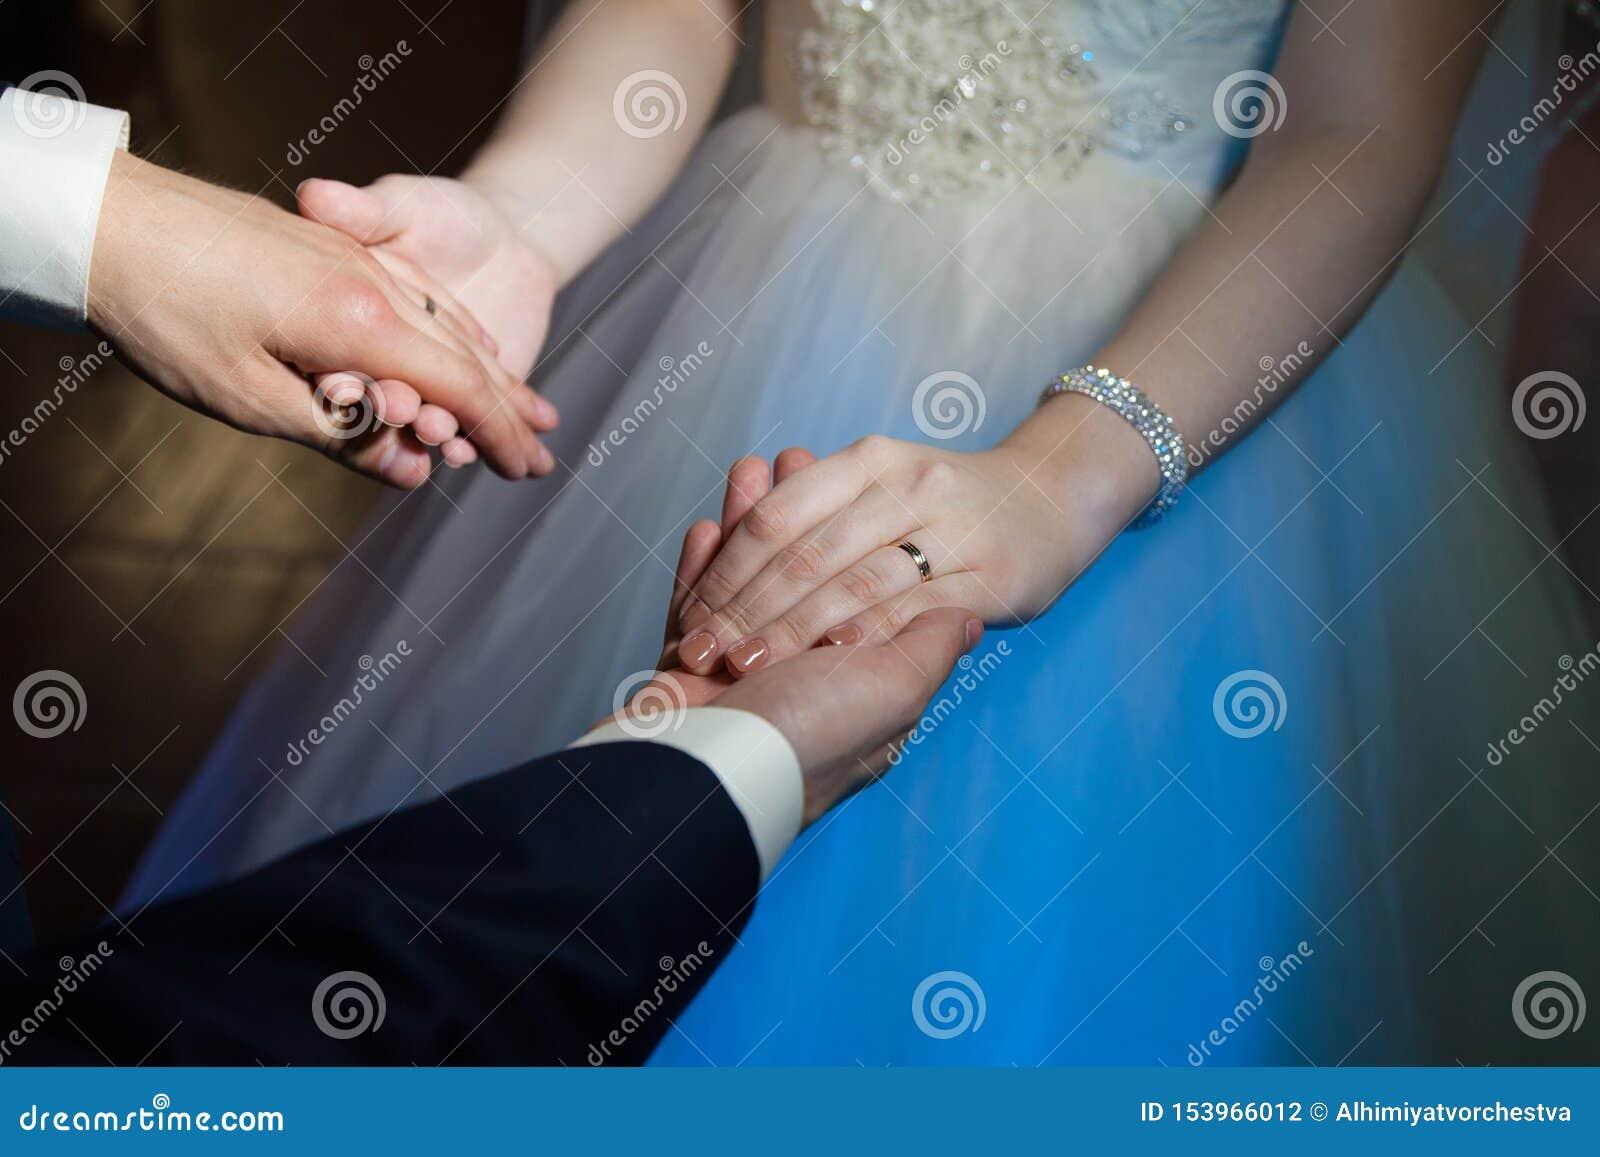 La sposa e lo sposo si tengono per mano durante il primo ballo, fedi nuziali